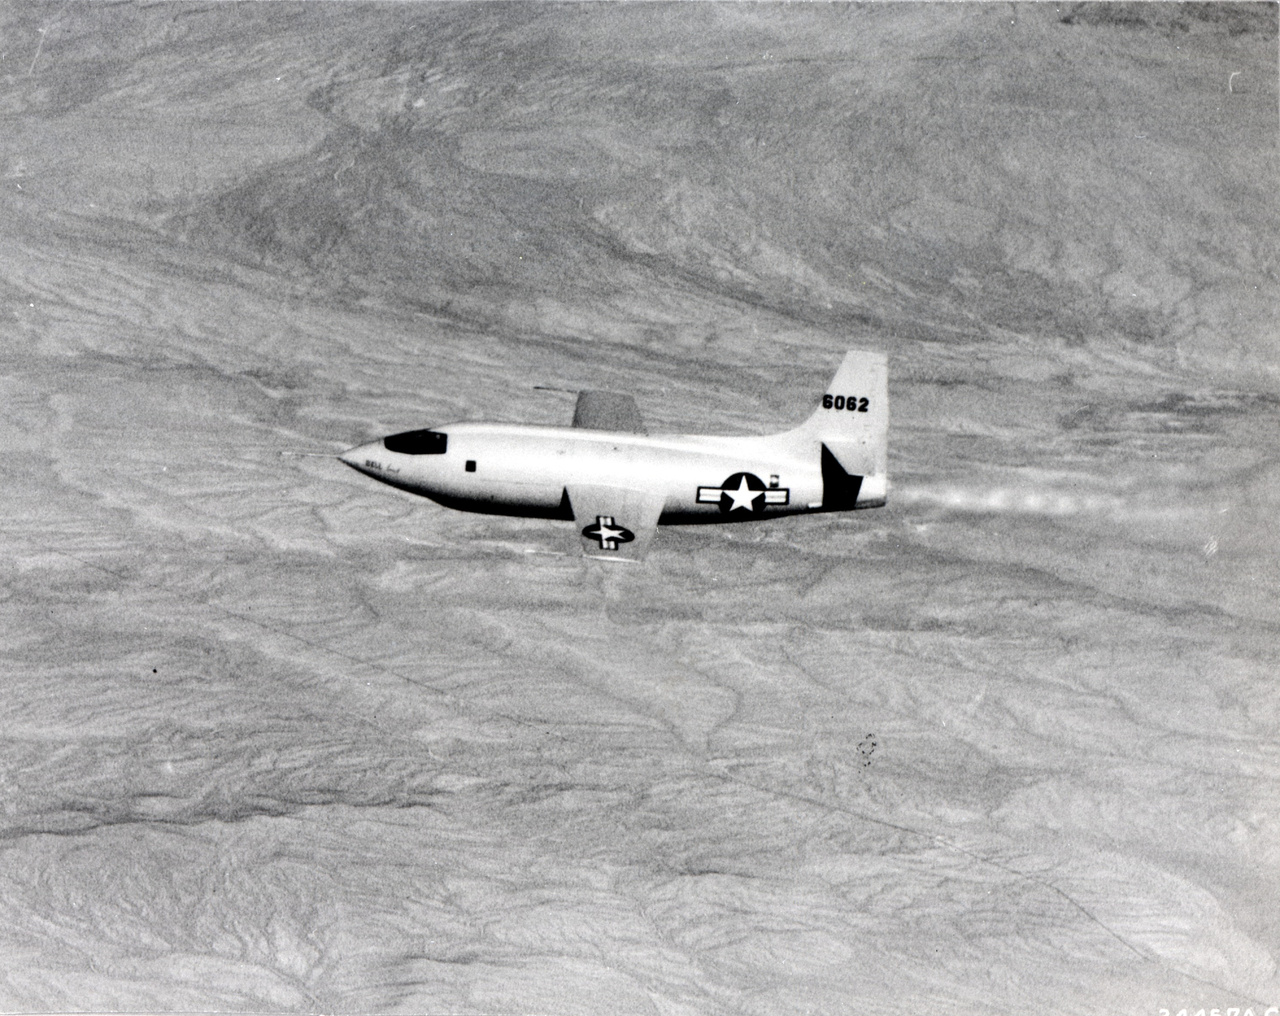 A rakétahajtás okozta rendkívüli terhelésekre készülve az X-1 építői olyan géptörzset alkottak, ami akár 18 g-s terhelést is kibírt - ezzel a korszak legstrapabíróbb repülőgépét vezethette Yeager.